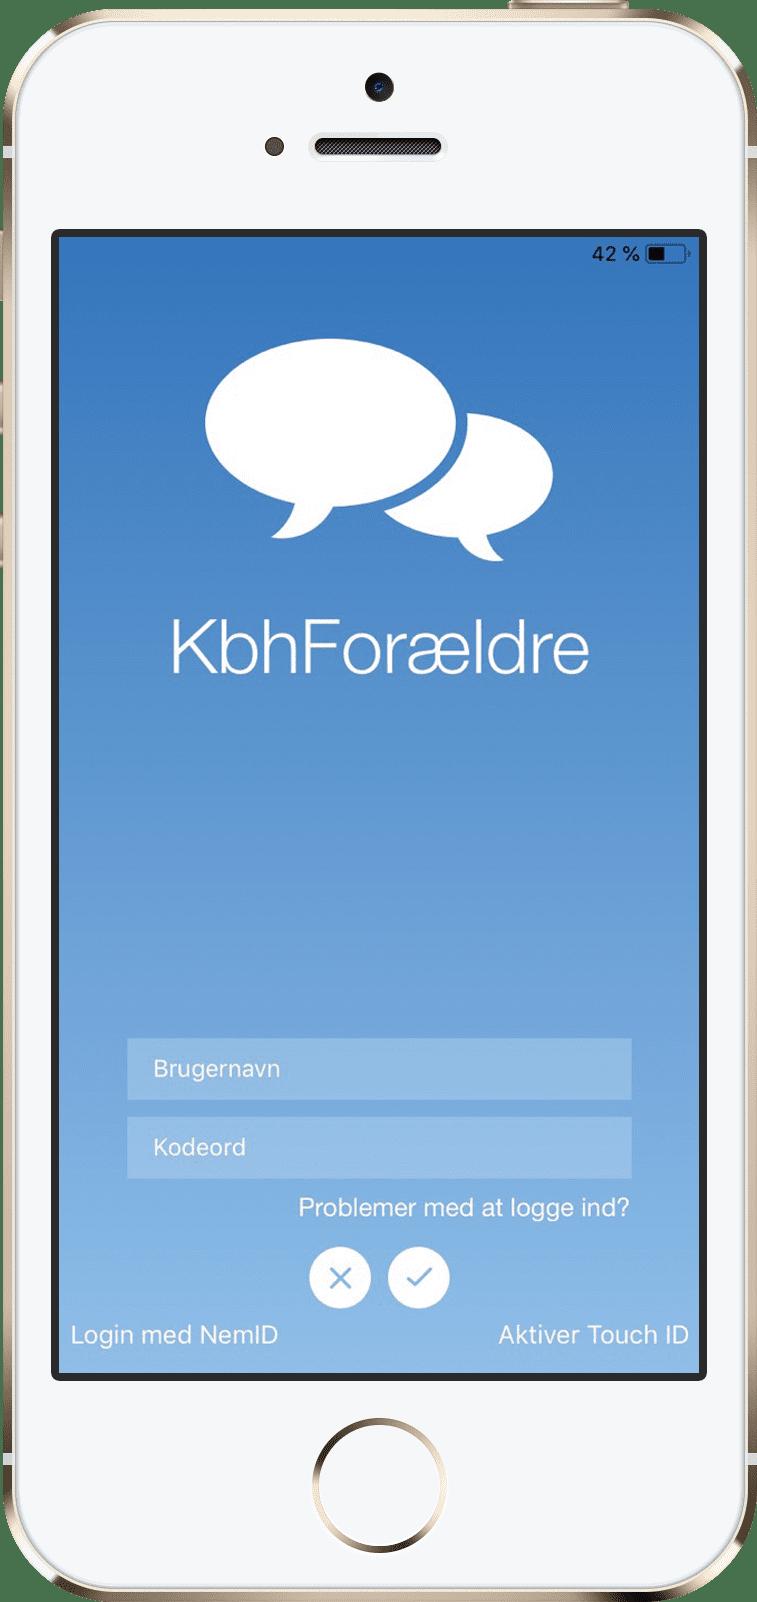 KBH_forældre_phone